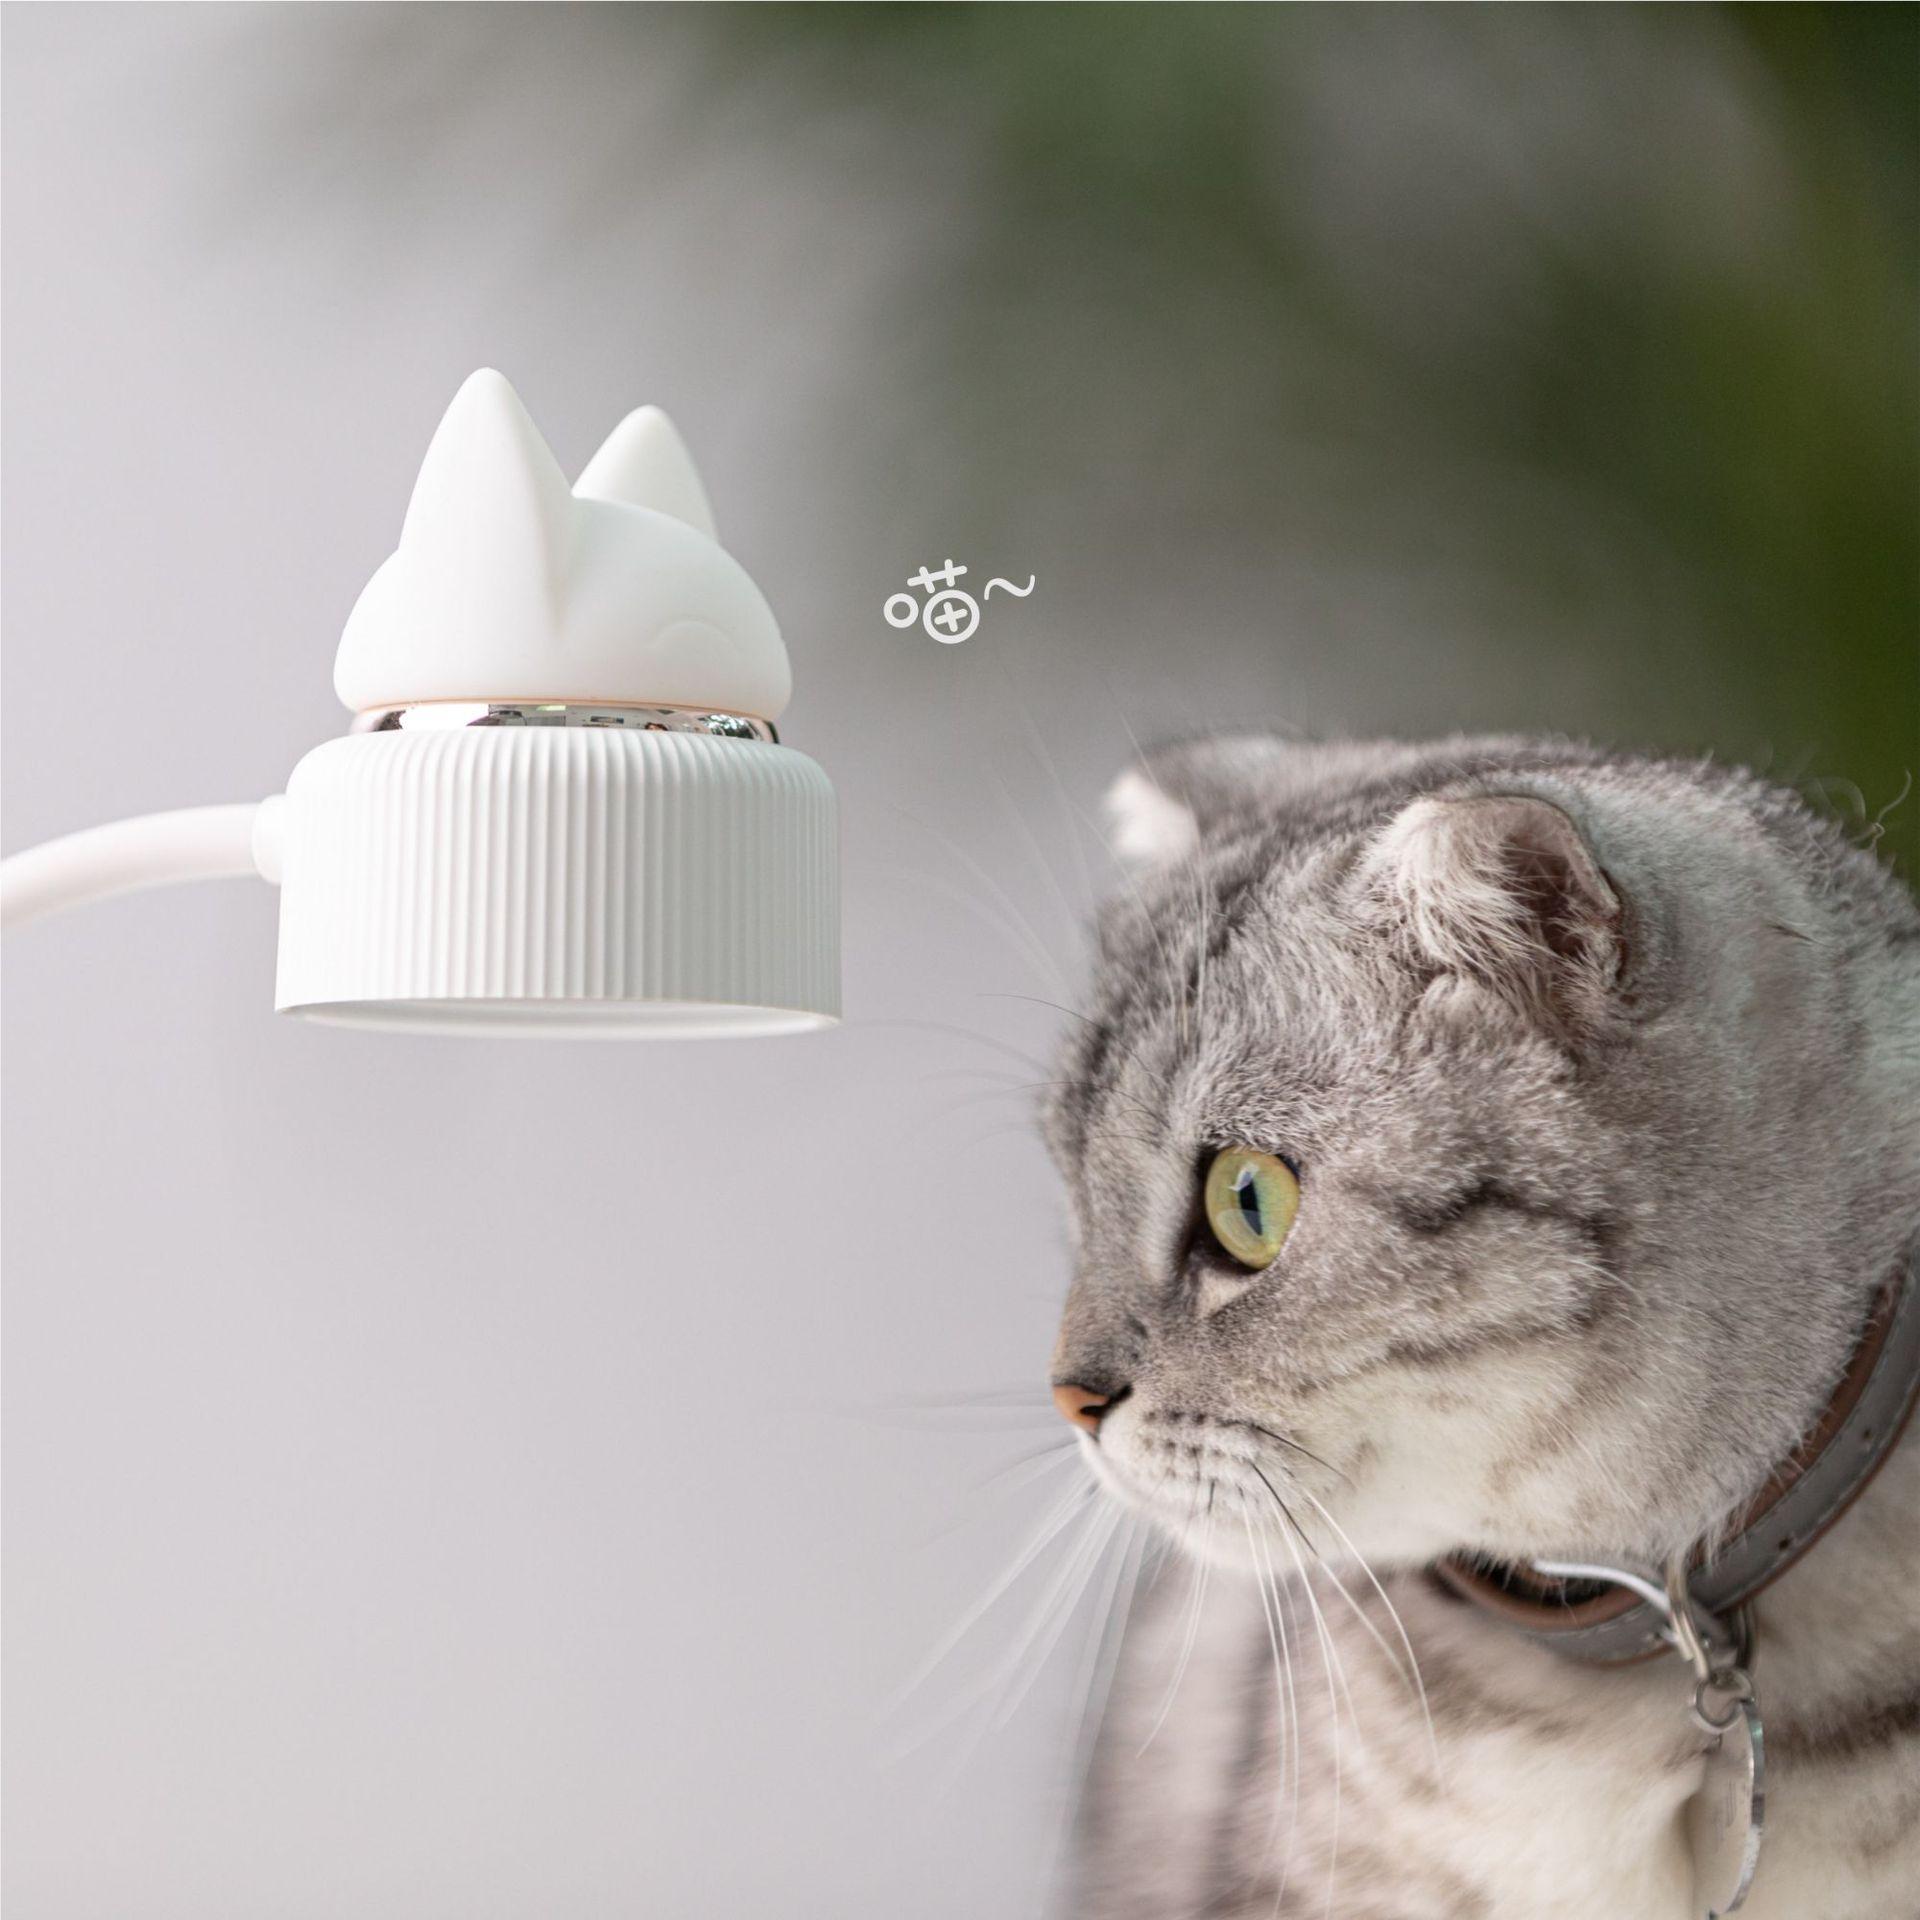 Đèn Bàn Học, Đèn Ngủ Silicon Hình Tai Mèo Thiết Kế Hiện Đại, Phù Hợp Với Mọi Gia Đình, Trọng Lượng: 300g